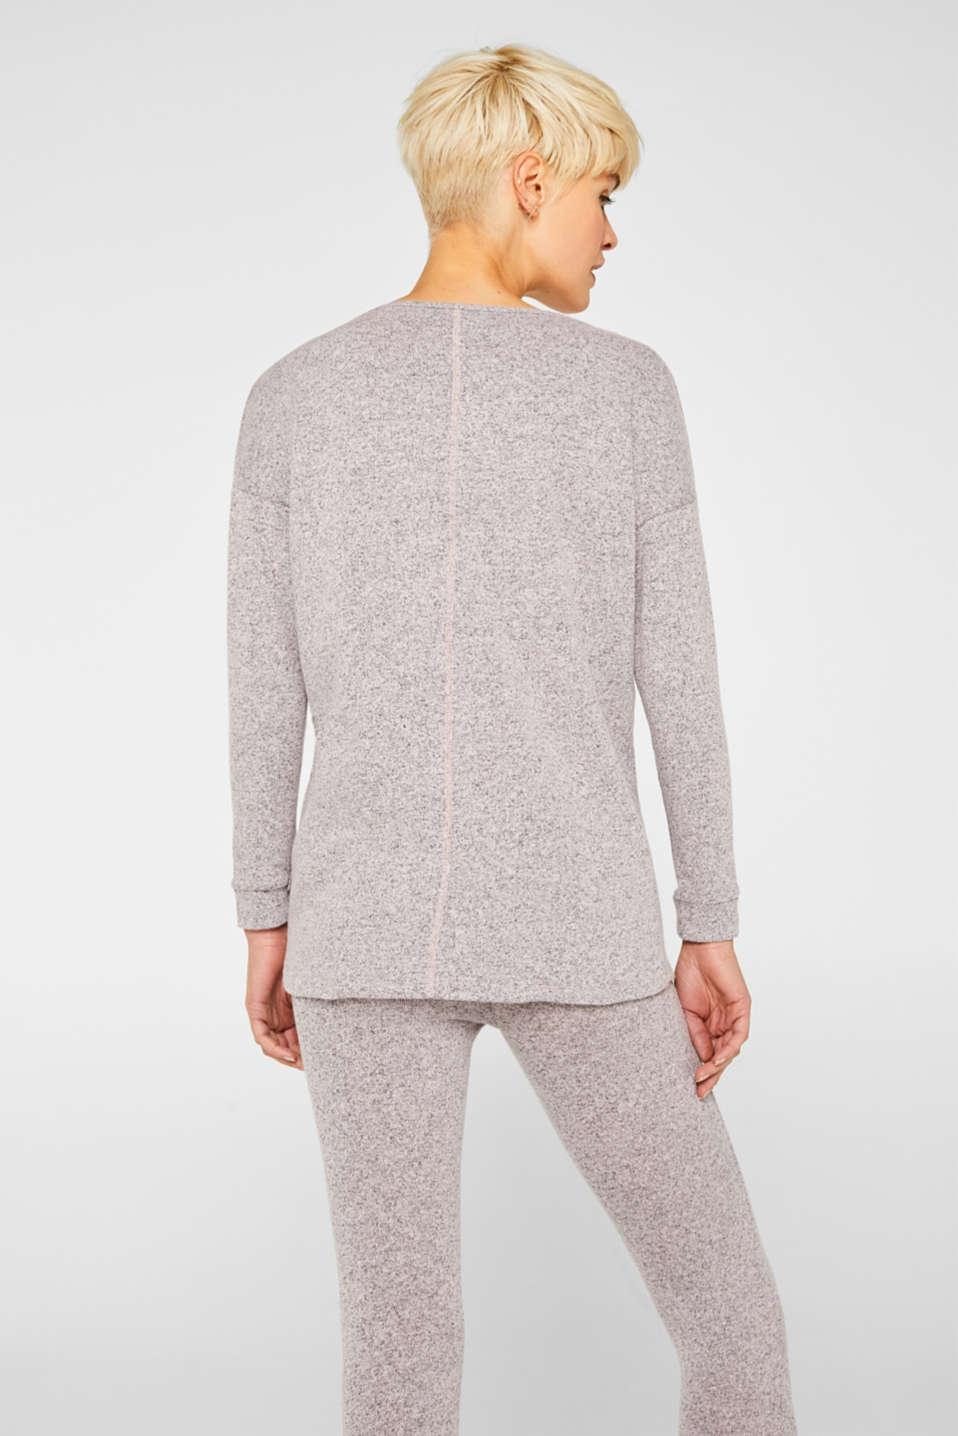 Sweatshirts, OLD PINK 2, detail image number 3